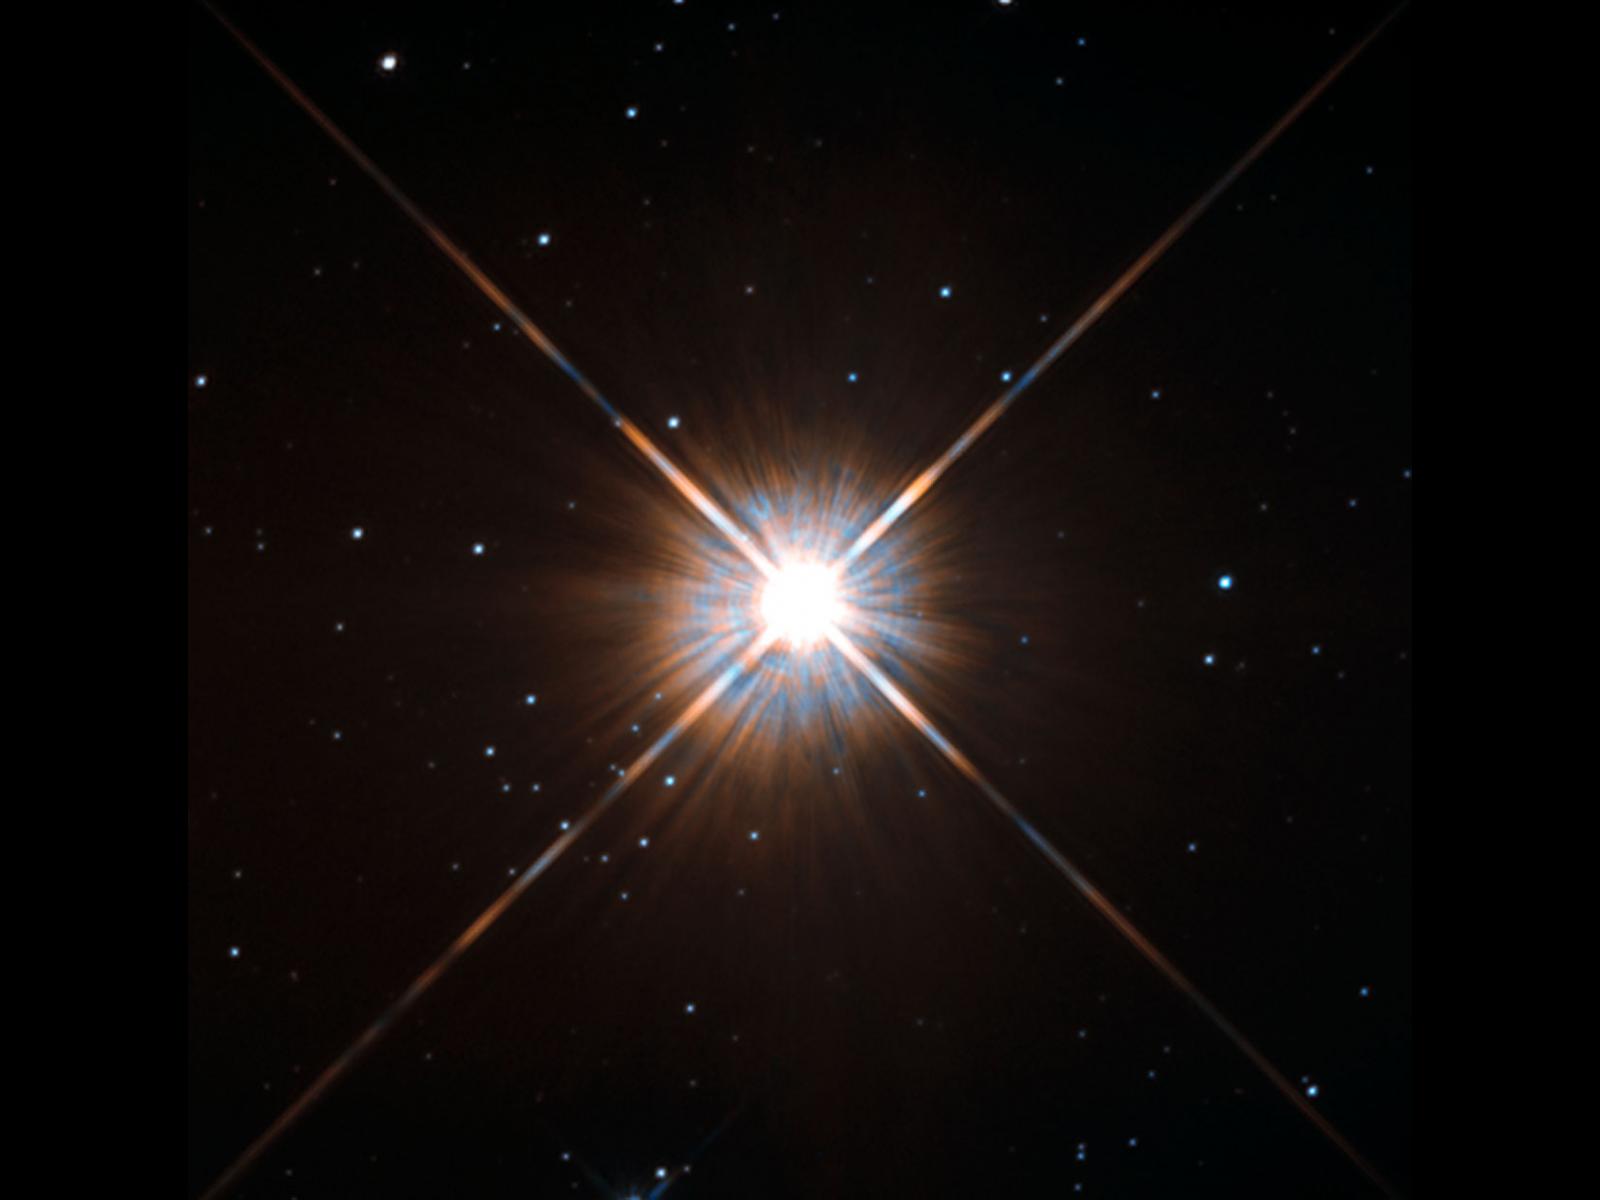 Der nächste Nachbarstern unserer Sonne: Proxima Centauri, aufgenommen vom Hubble Space Telescope.